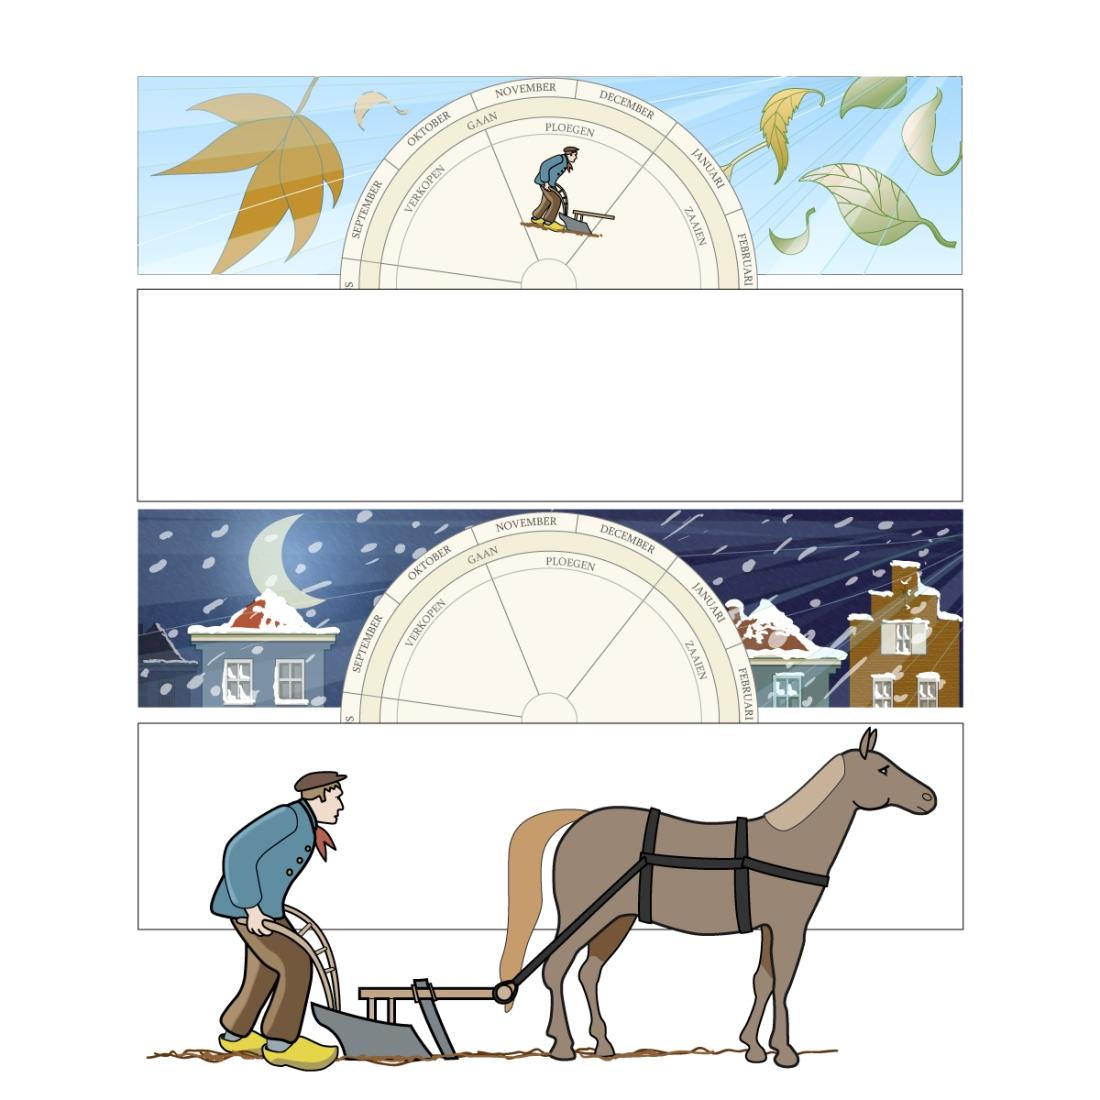 Bakkerij-Kalendarium ontwerp Eelco Bruinsma